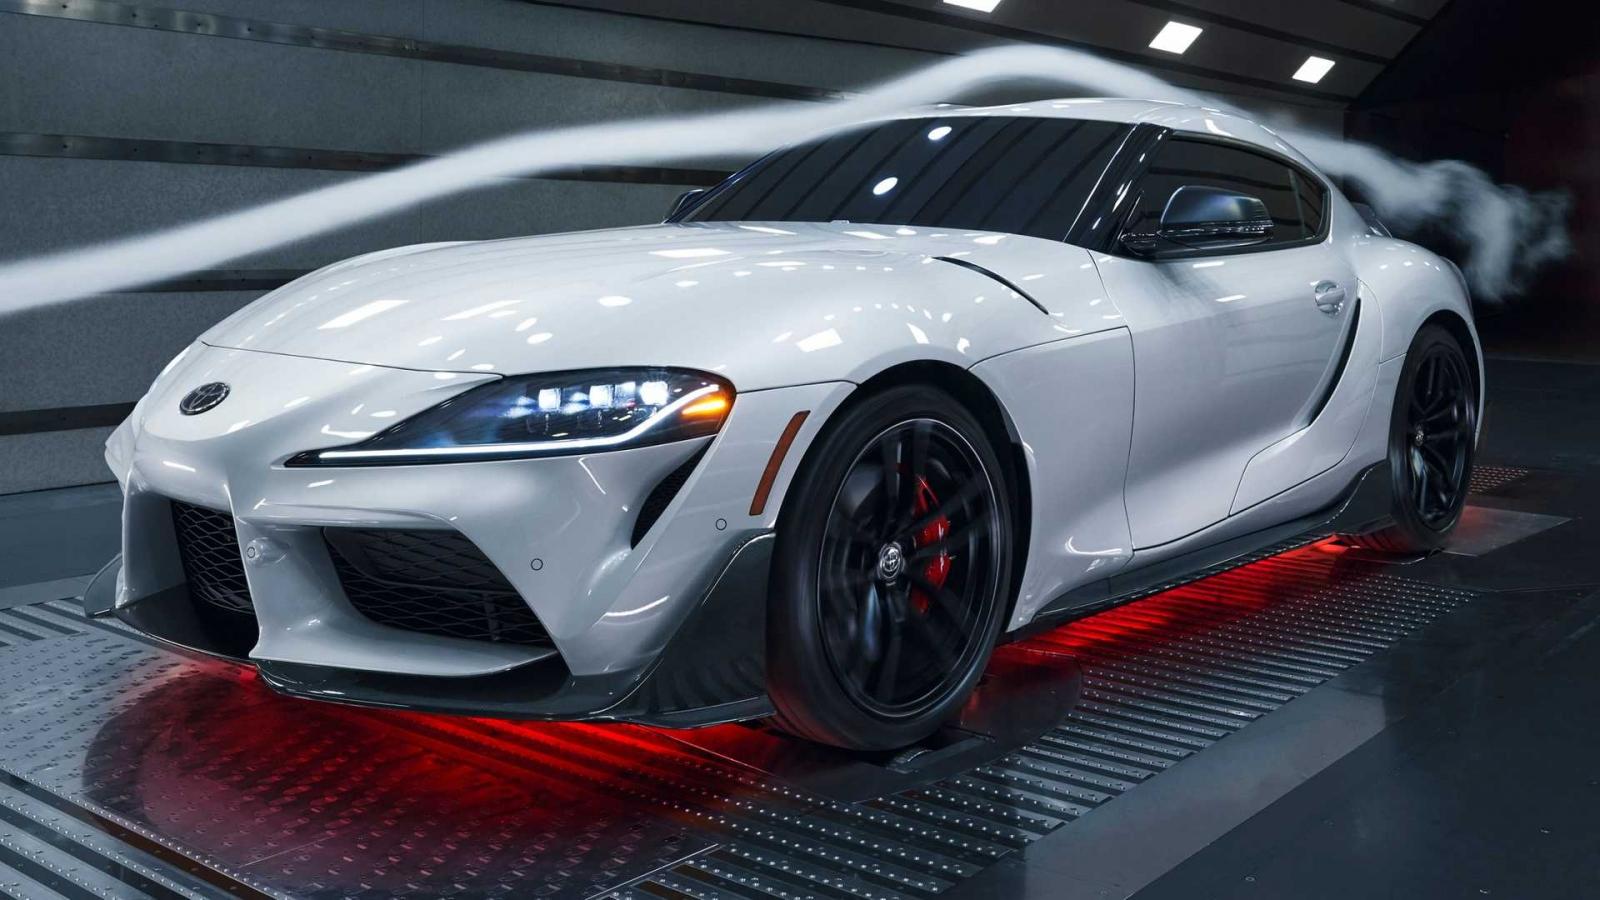 Xe hiệu suất cao Toyota Supra 2022 có thêm bản A91 với nhiều trang bị sợi carbon